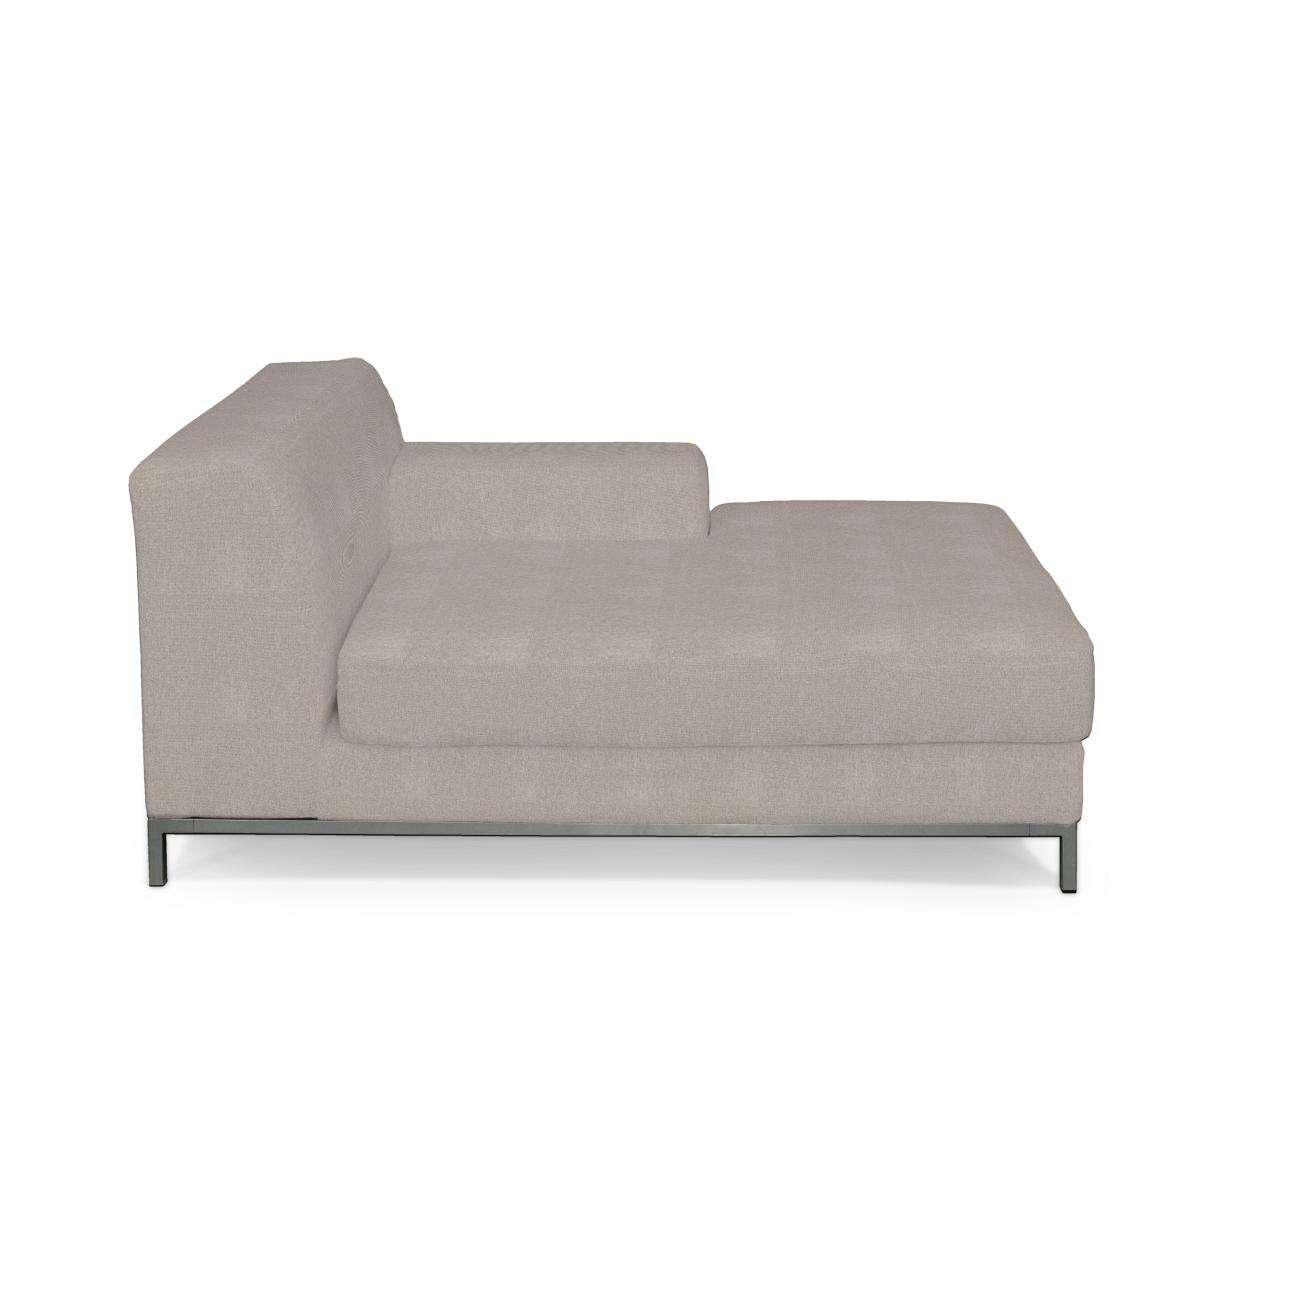 IKEA zitbankhoes overtrek voor Kramfors chaise longue rechts